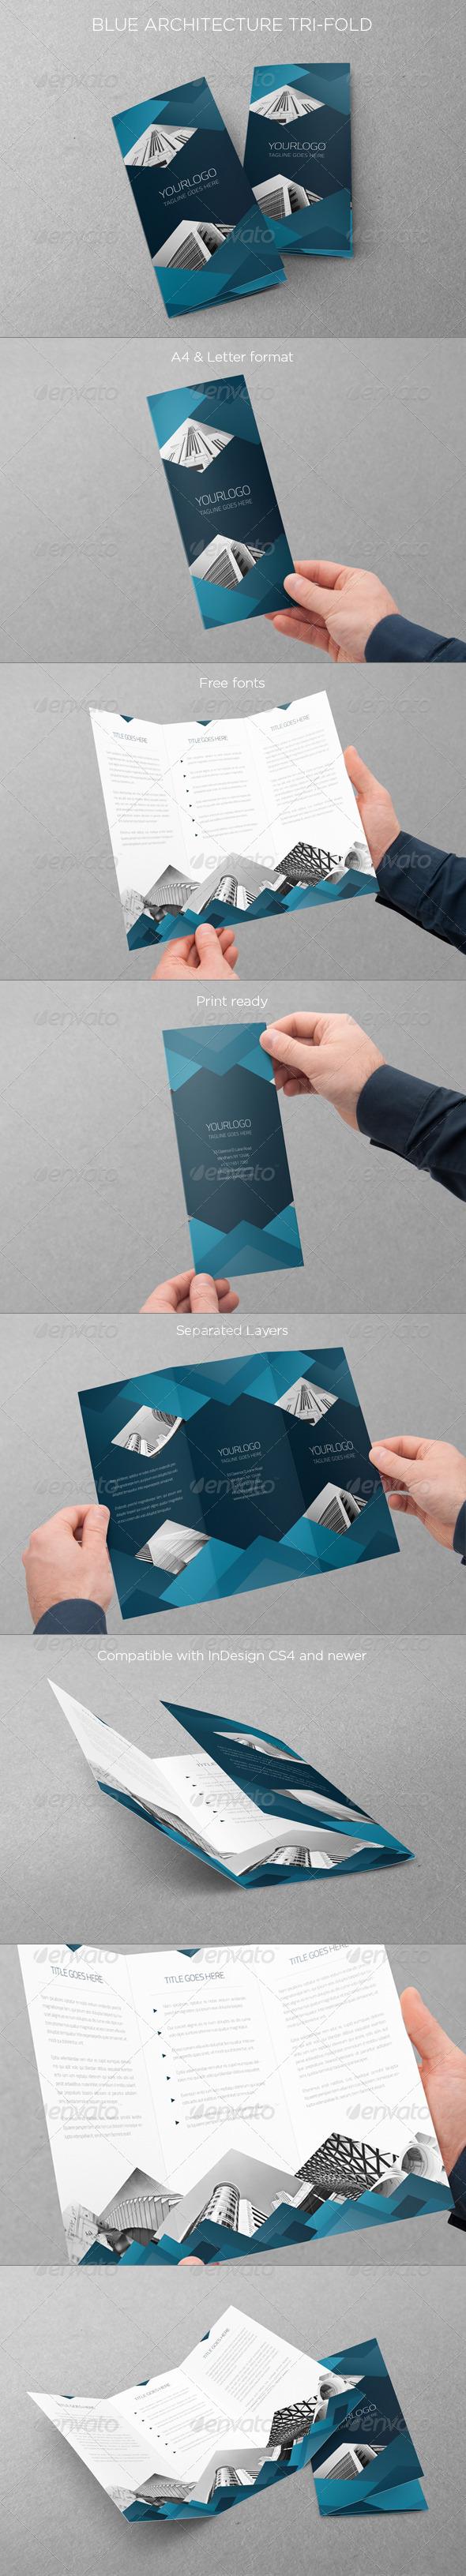 GraphicRiver Blue Architecture Trifold 6537187